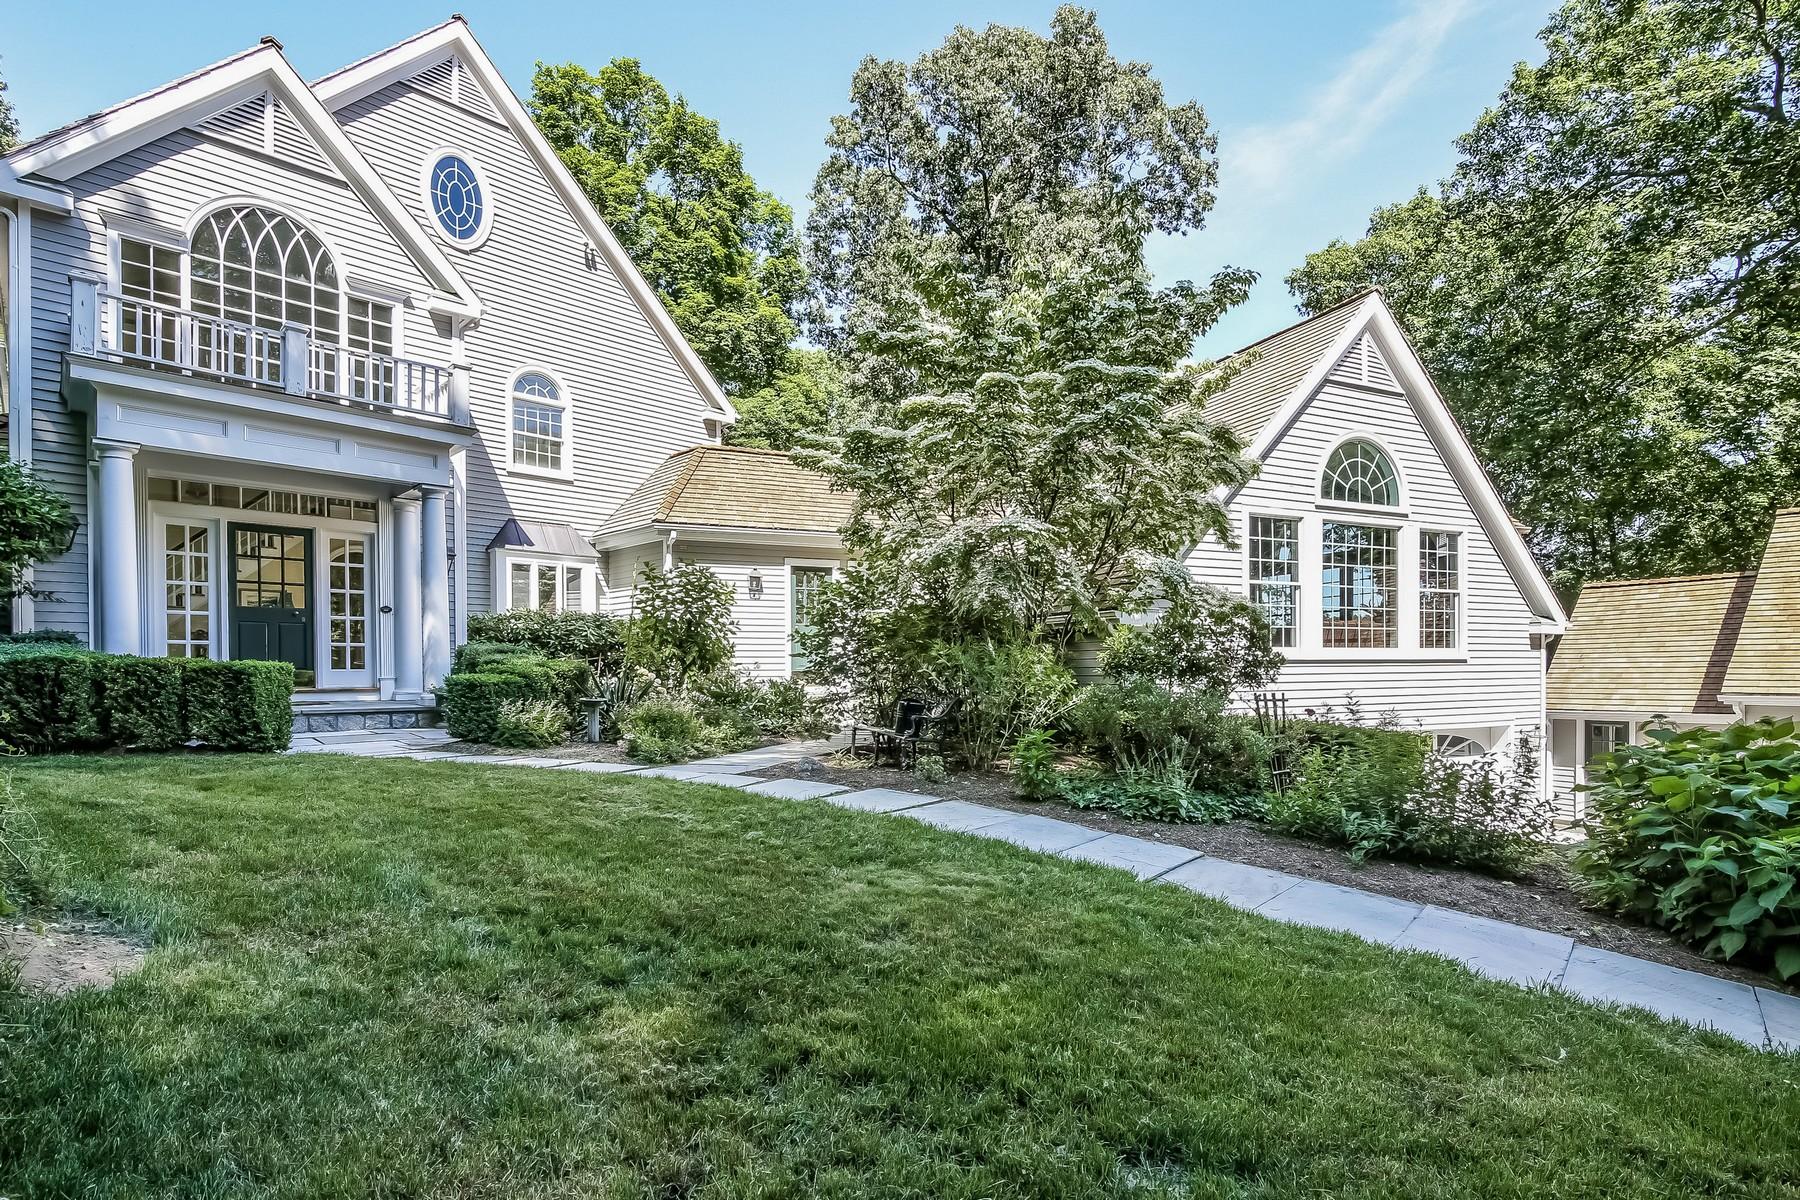 独户住宅 为 销售 在 Magnificent Nod Hill Colonial 222 Nod Hill Road 威尔顿, 康涅狄格州, 06897 美国